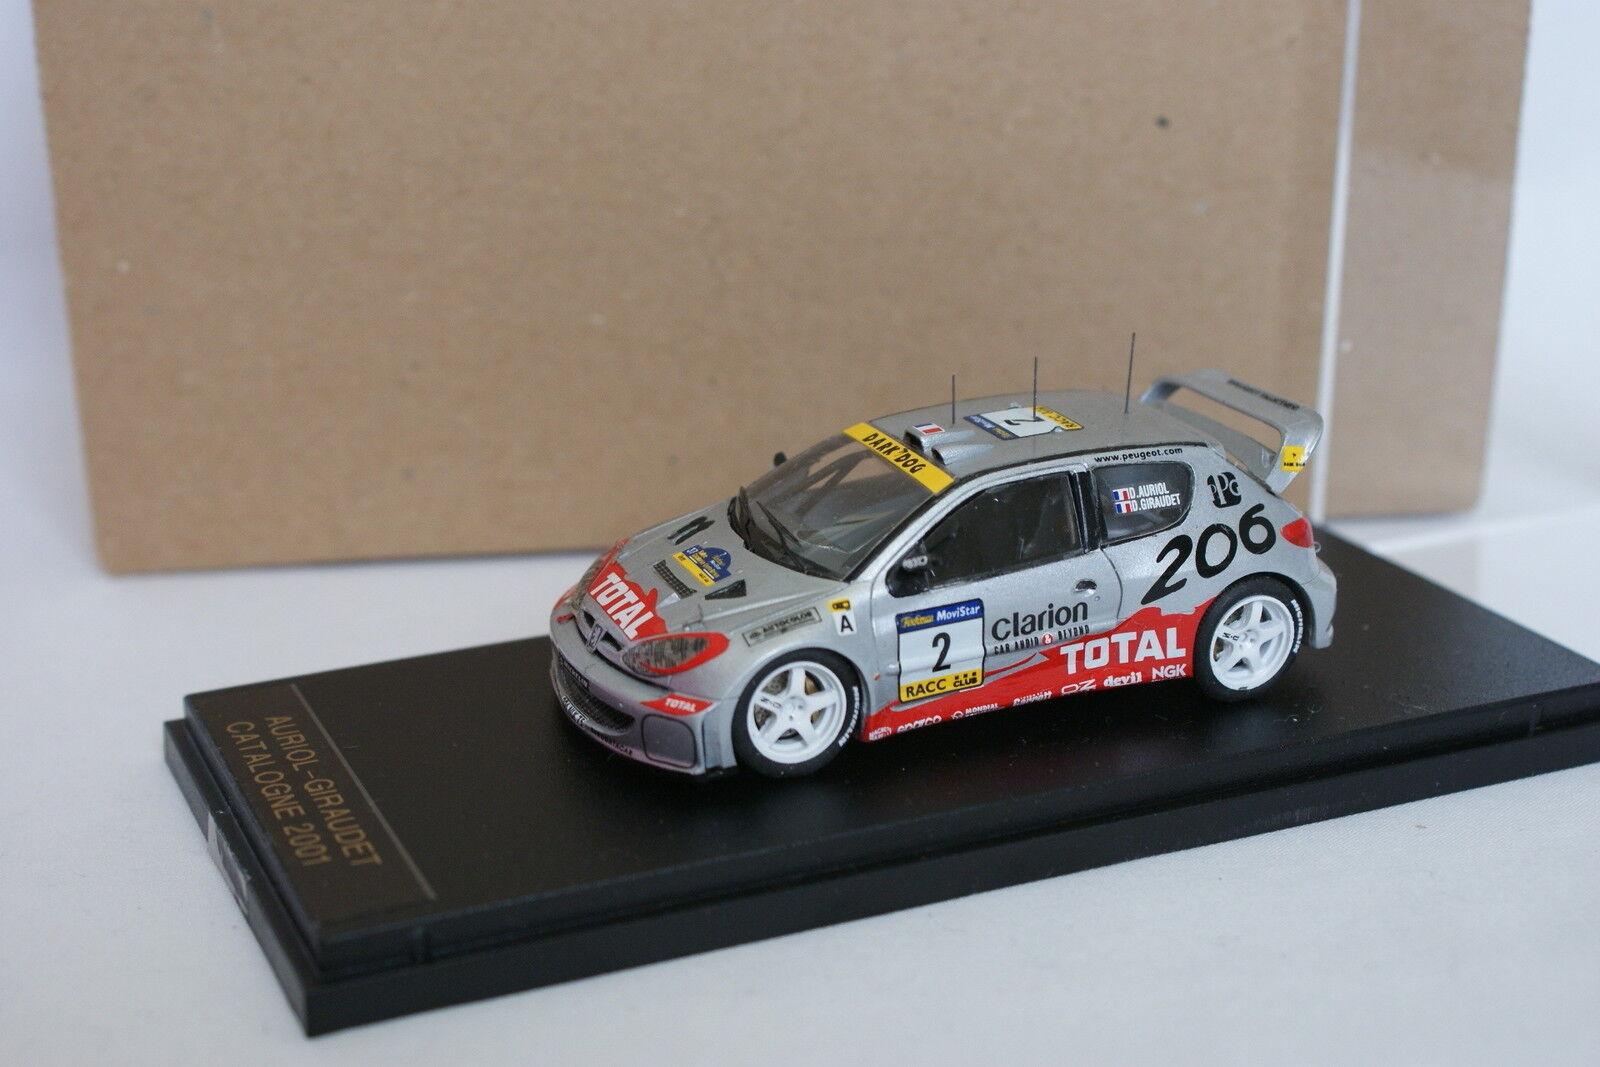 Provence Moulage Kit Monté 1 43 - Peugeot 206 WRC Rallye Catalogne 2001 N°2